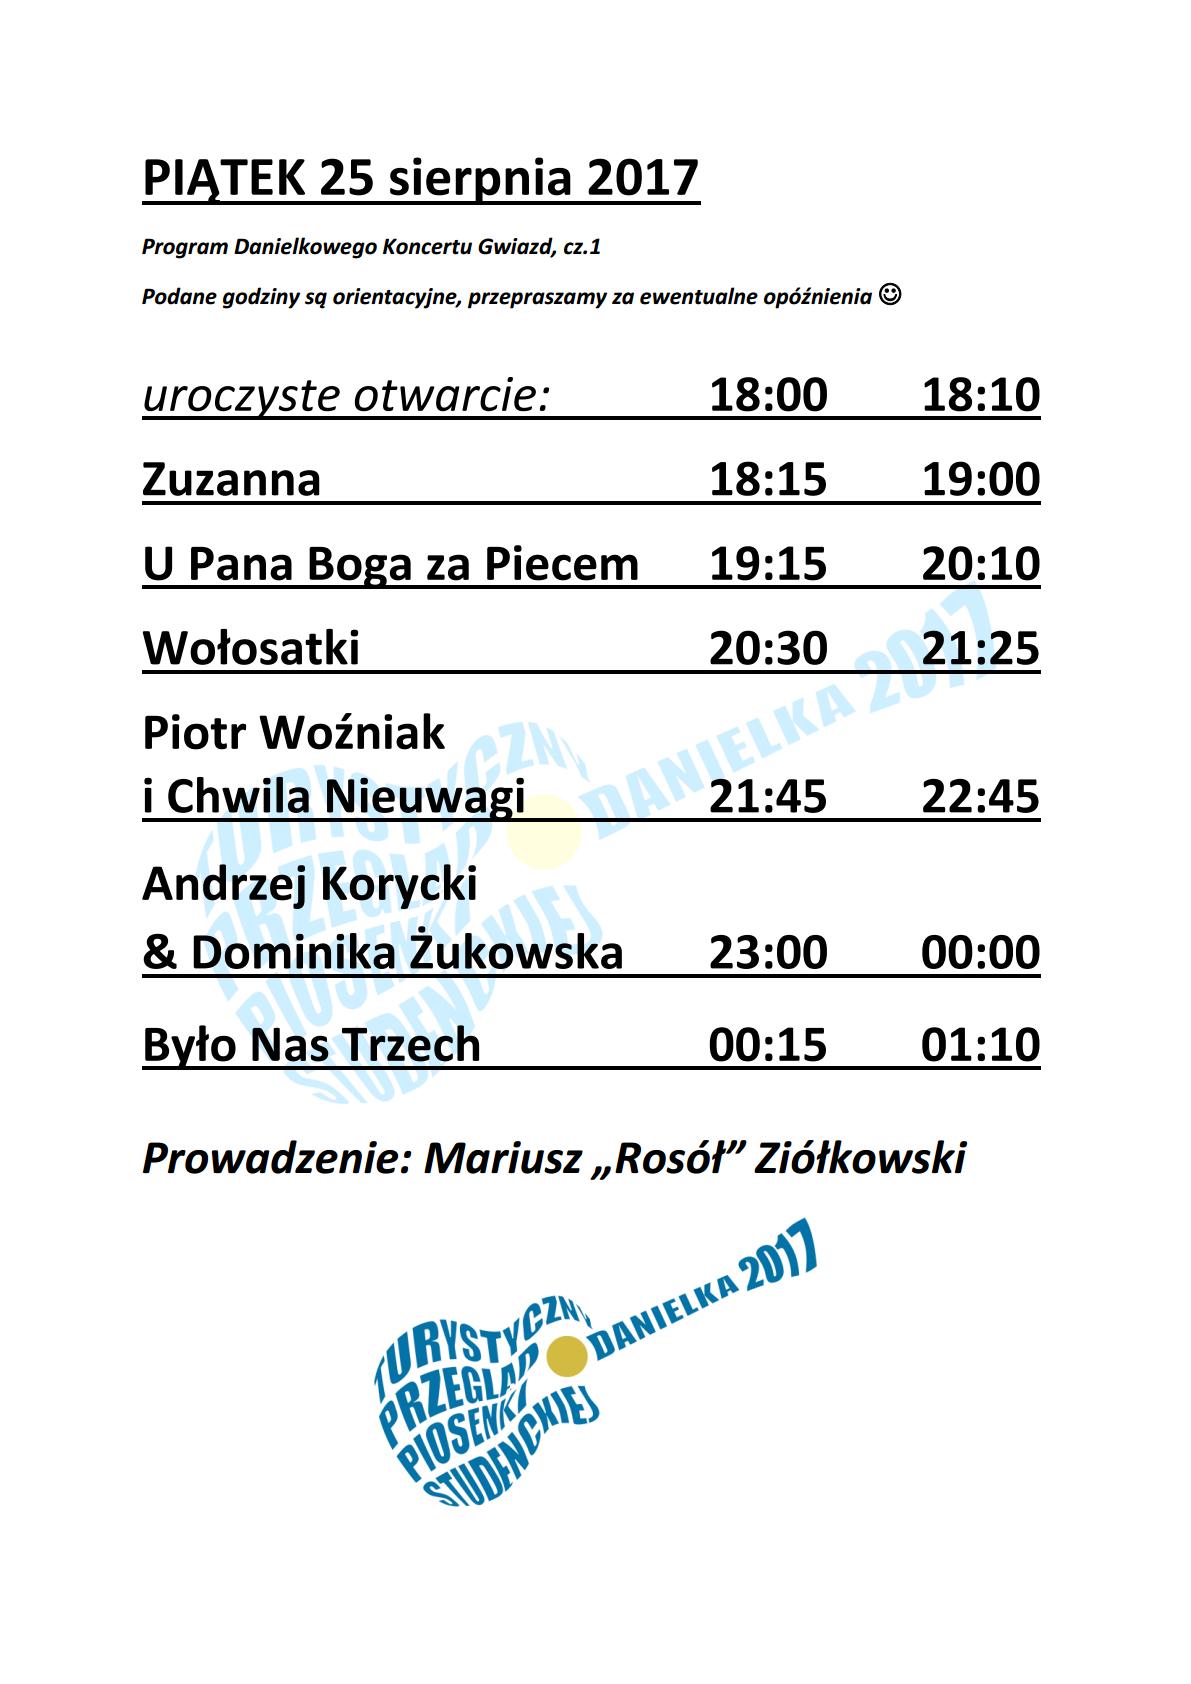 Program godzinowy Danielki 2017 – piątek